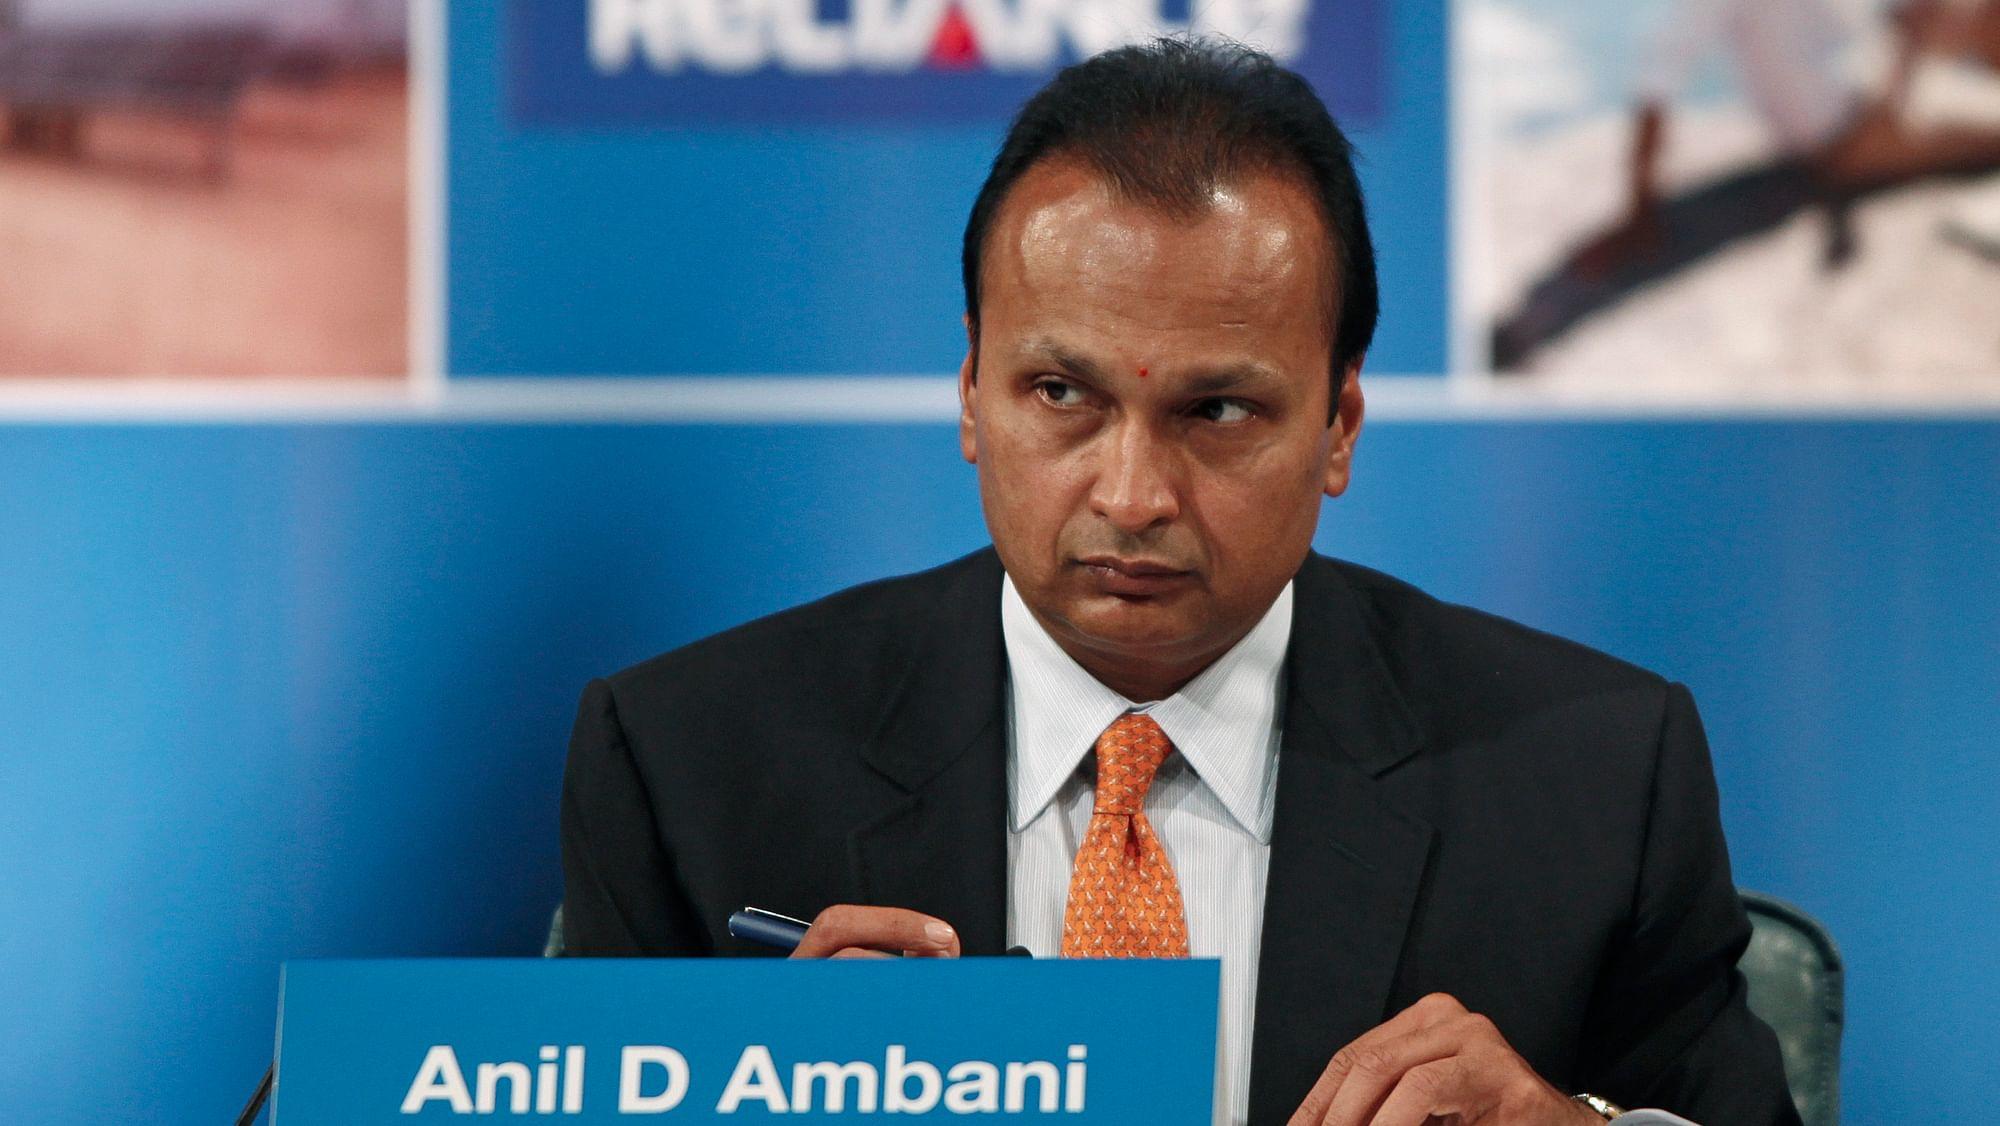 Anil D Ambani